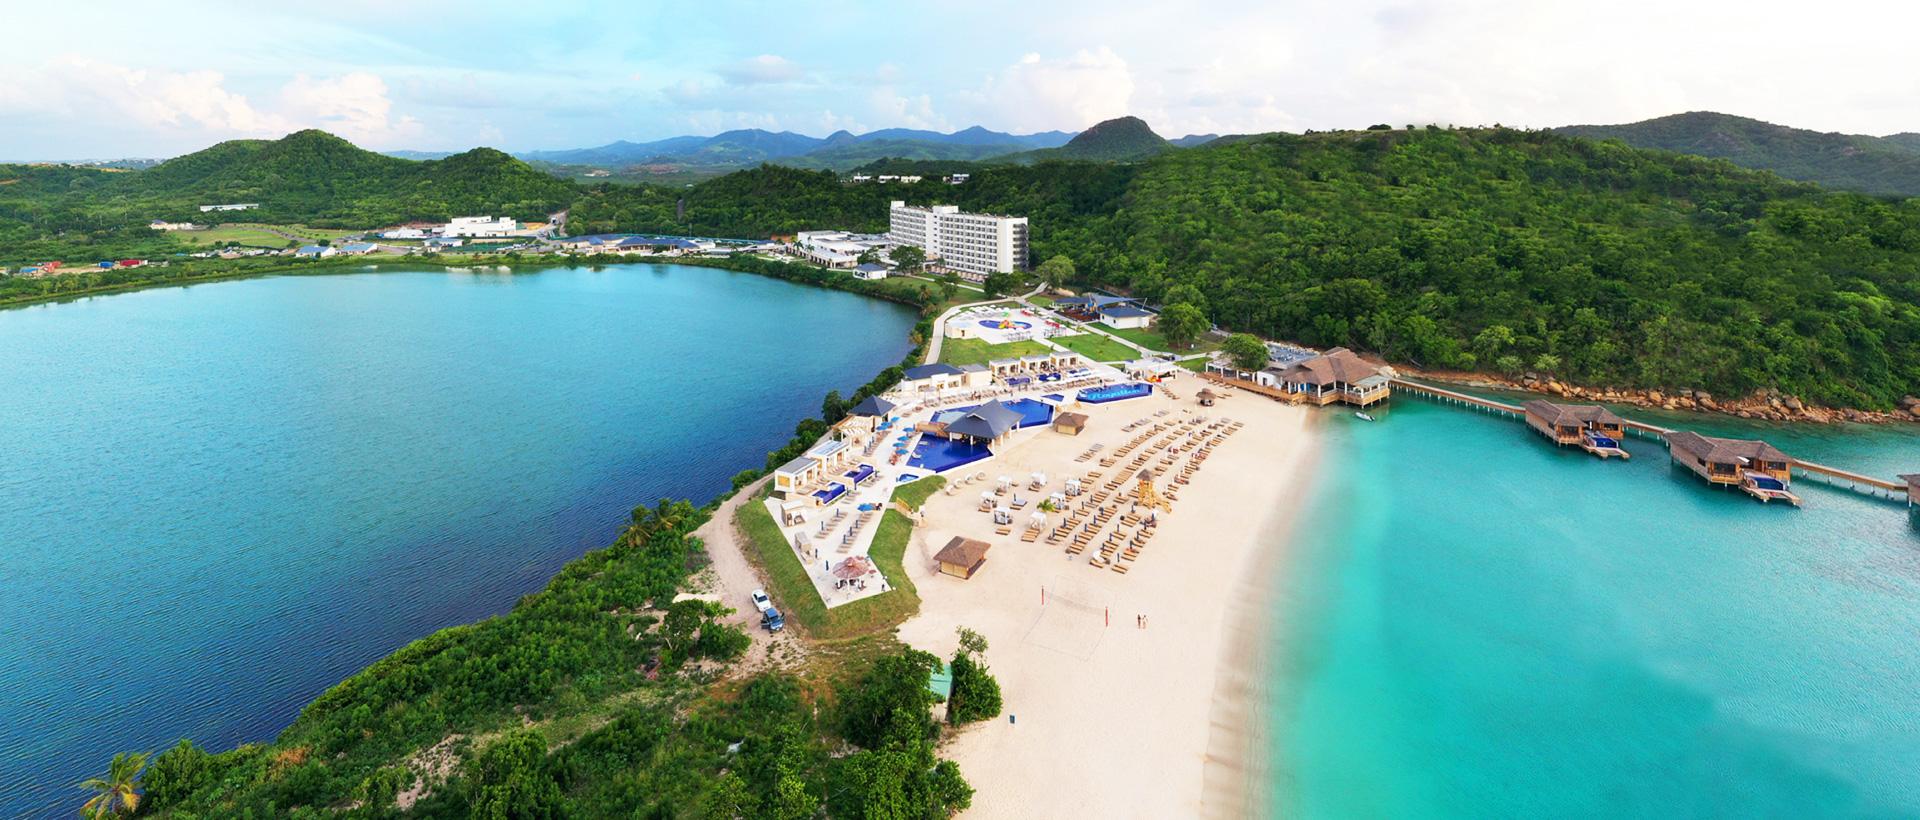 Royalton Antigua All-Inclusive Resort & Spa